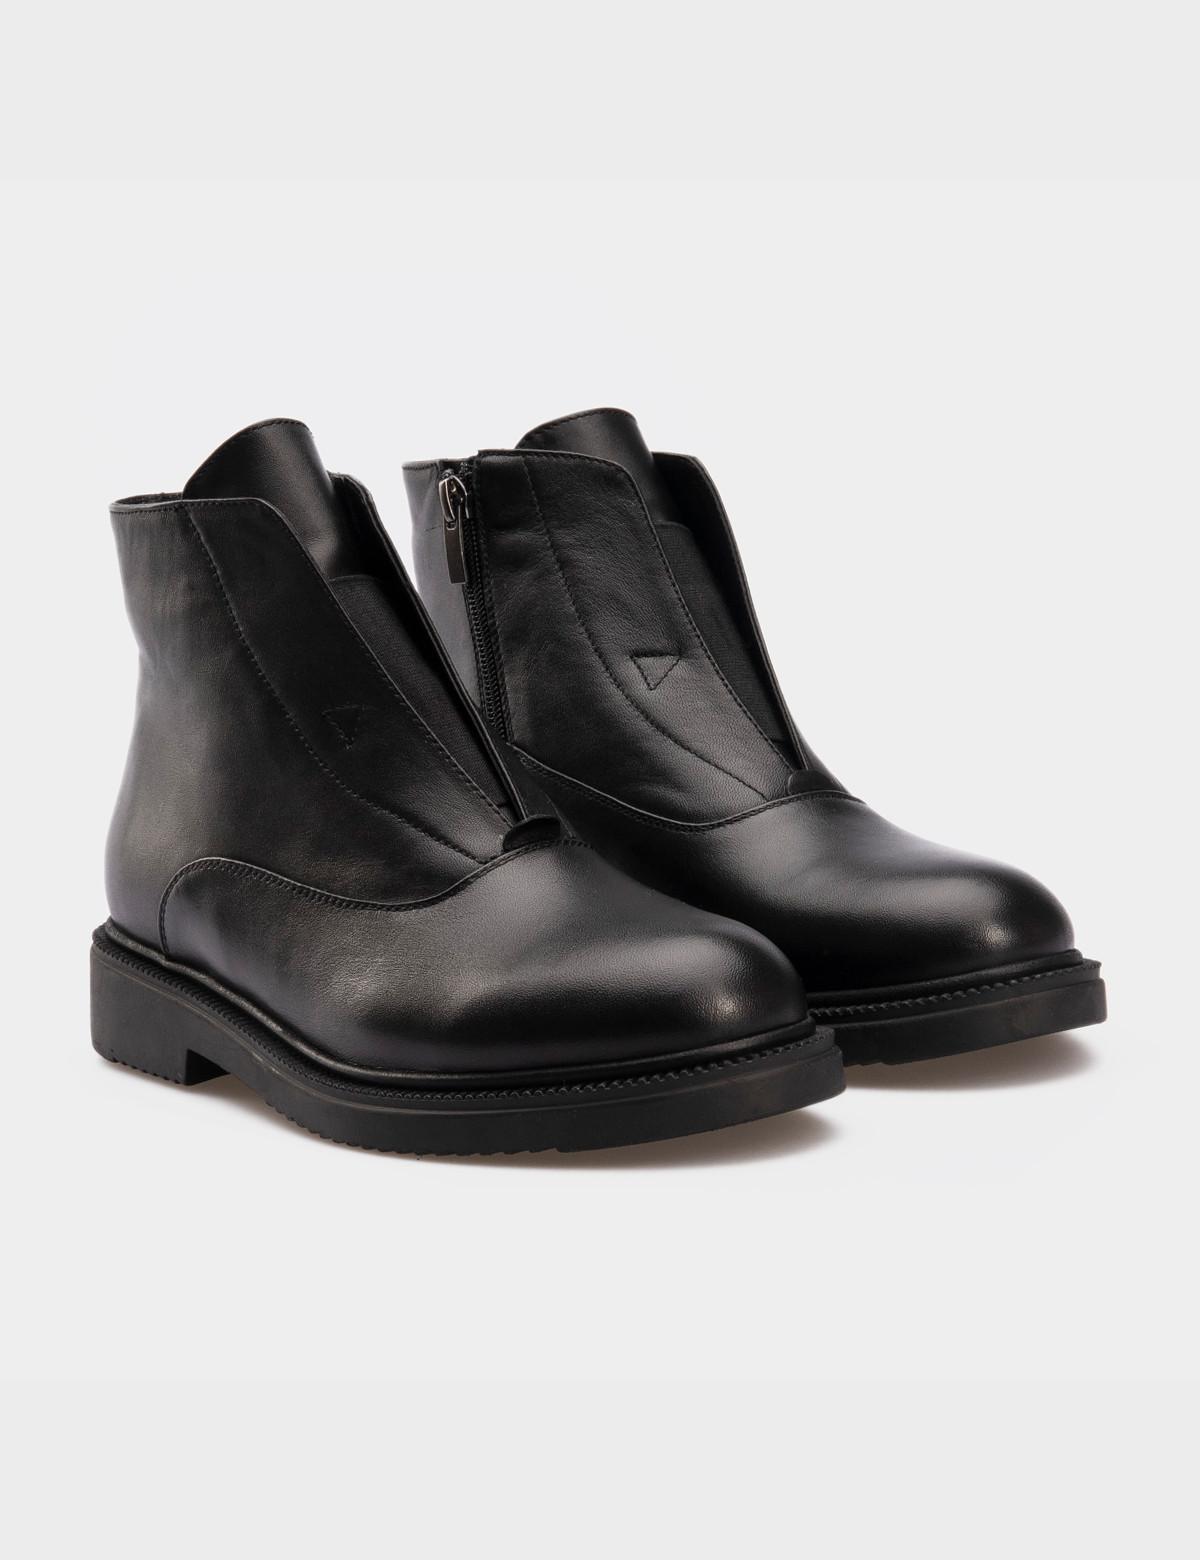 Ботинки черные, натуральная кожа. Байка 1